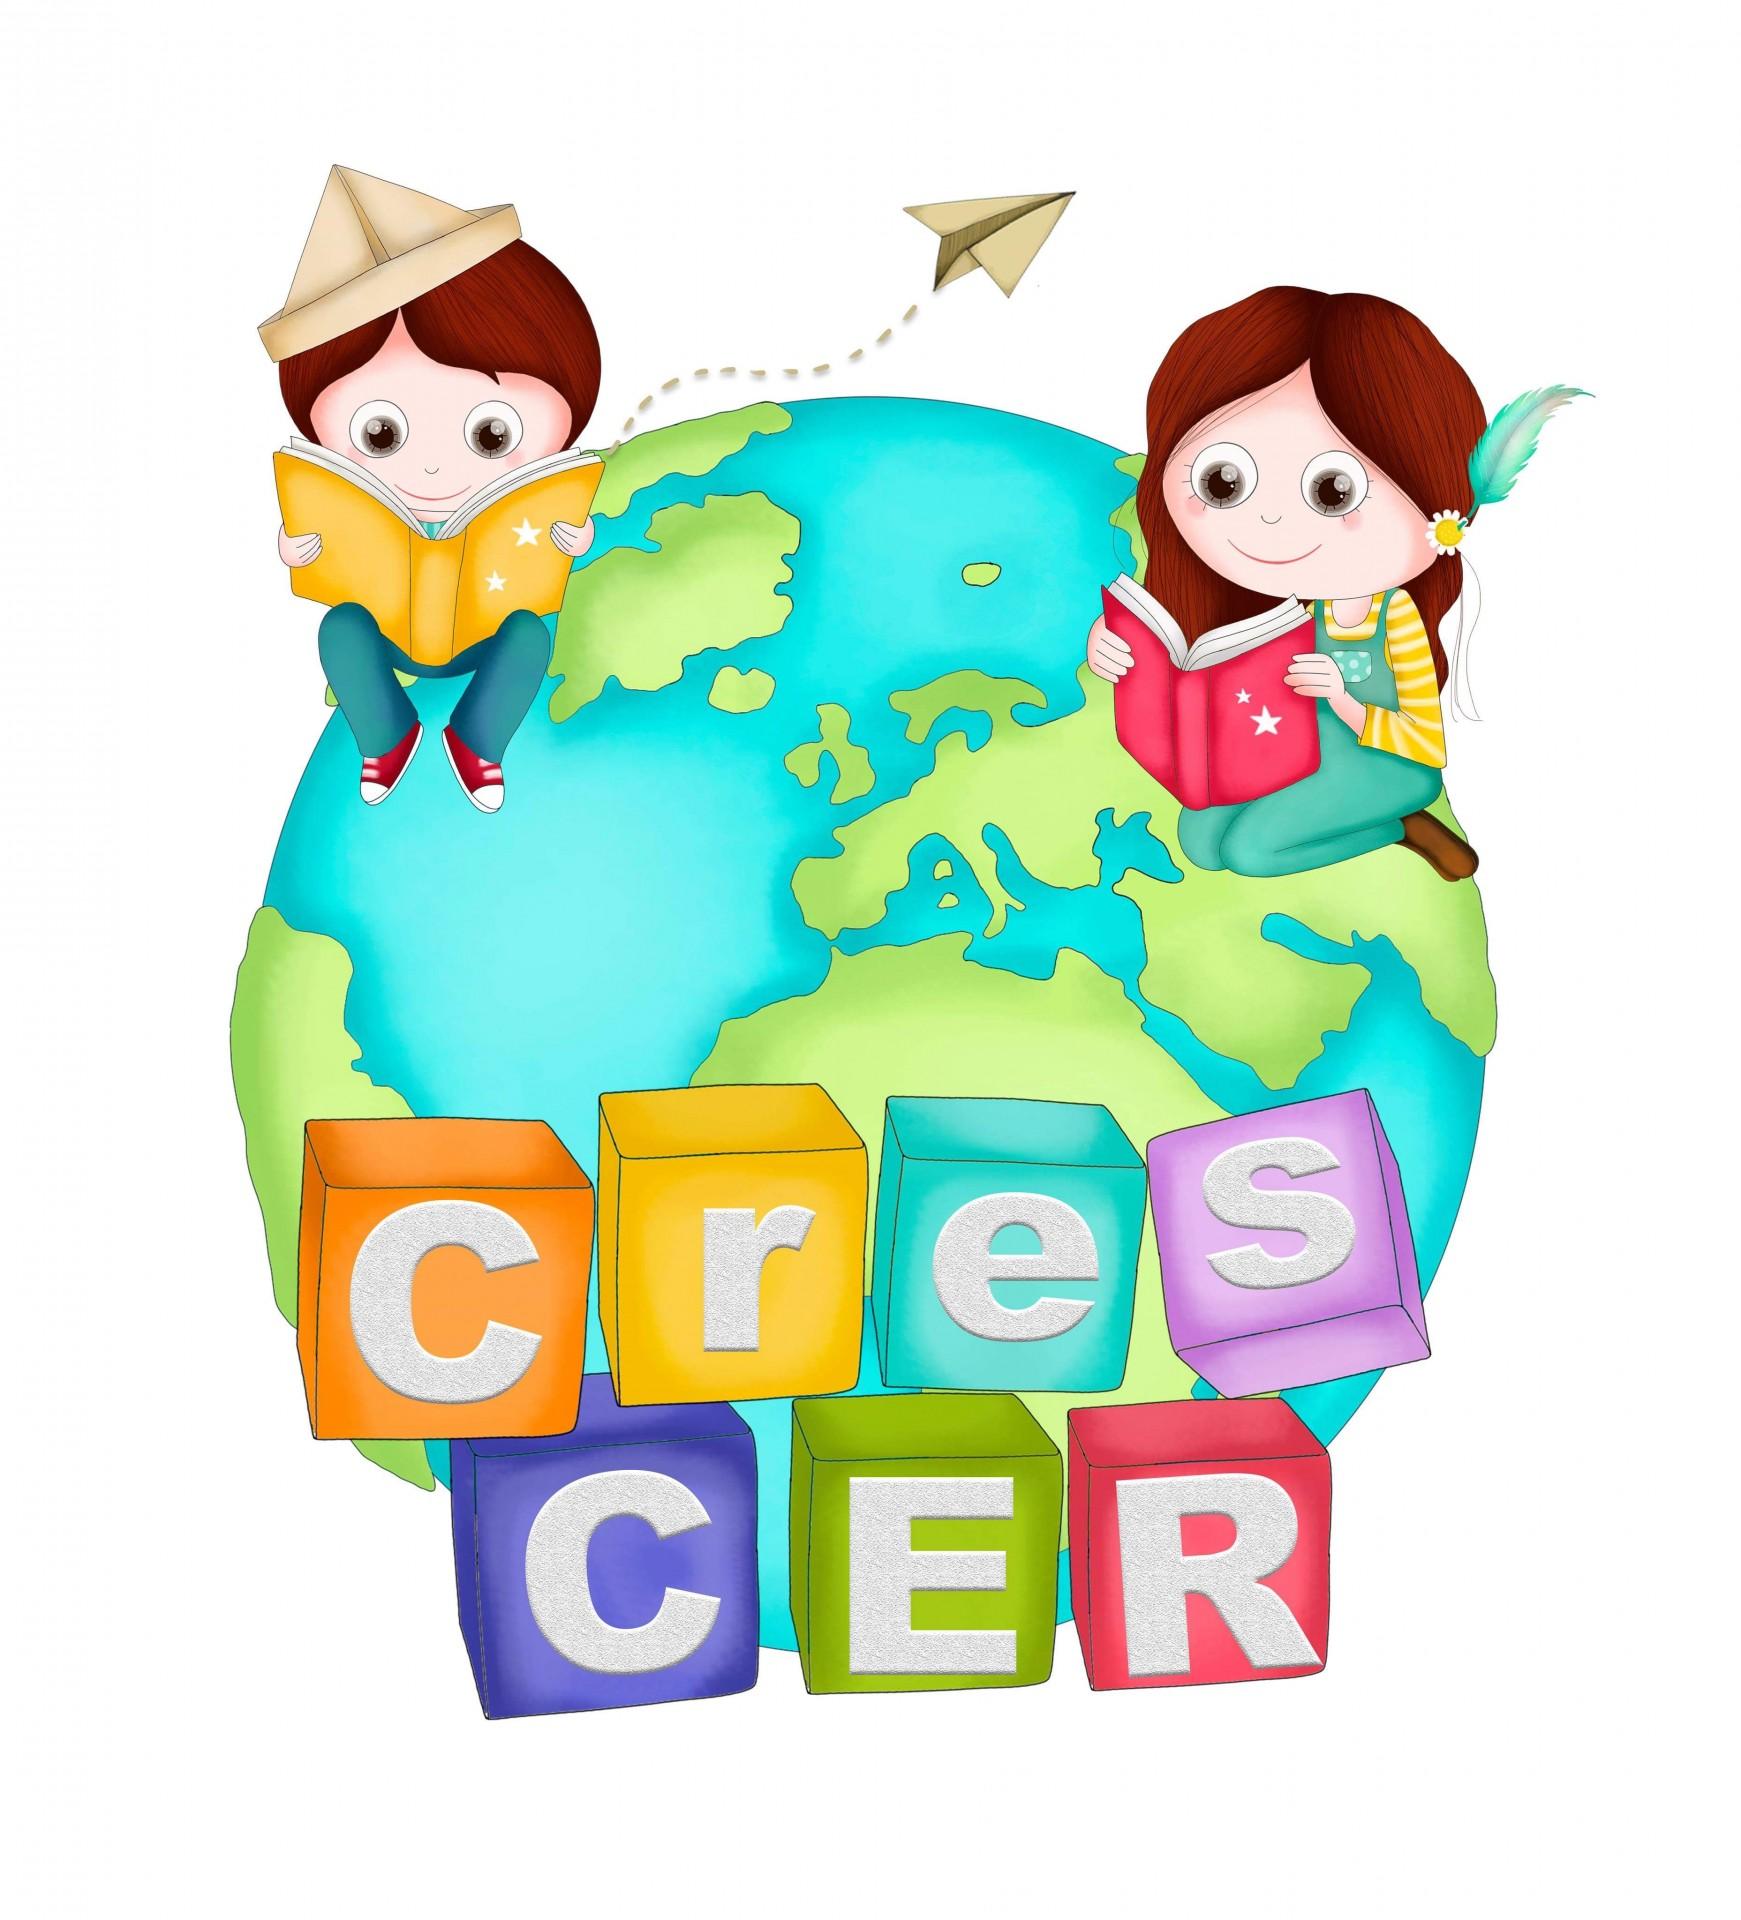 cresCer